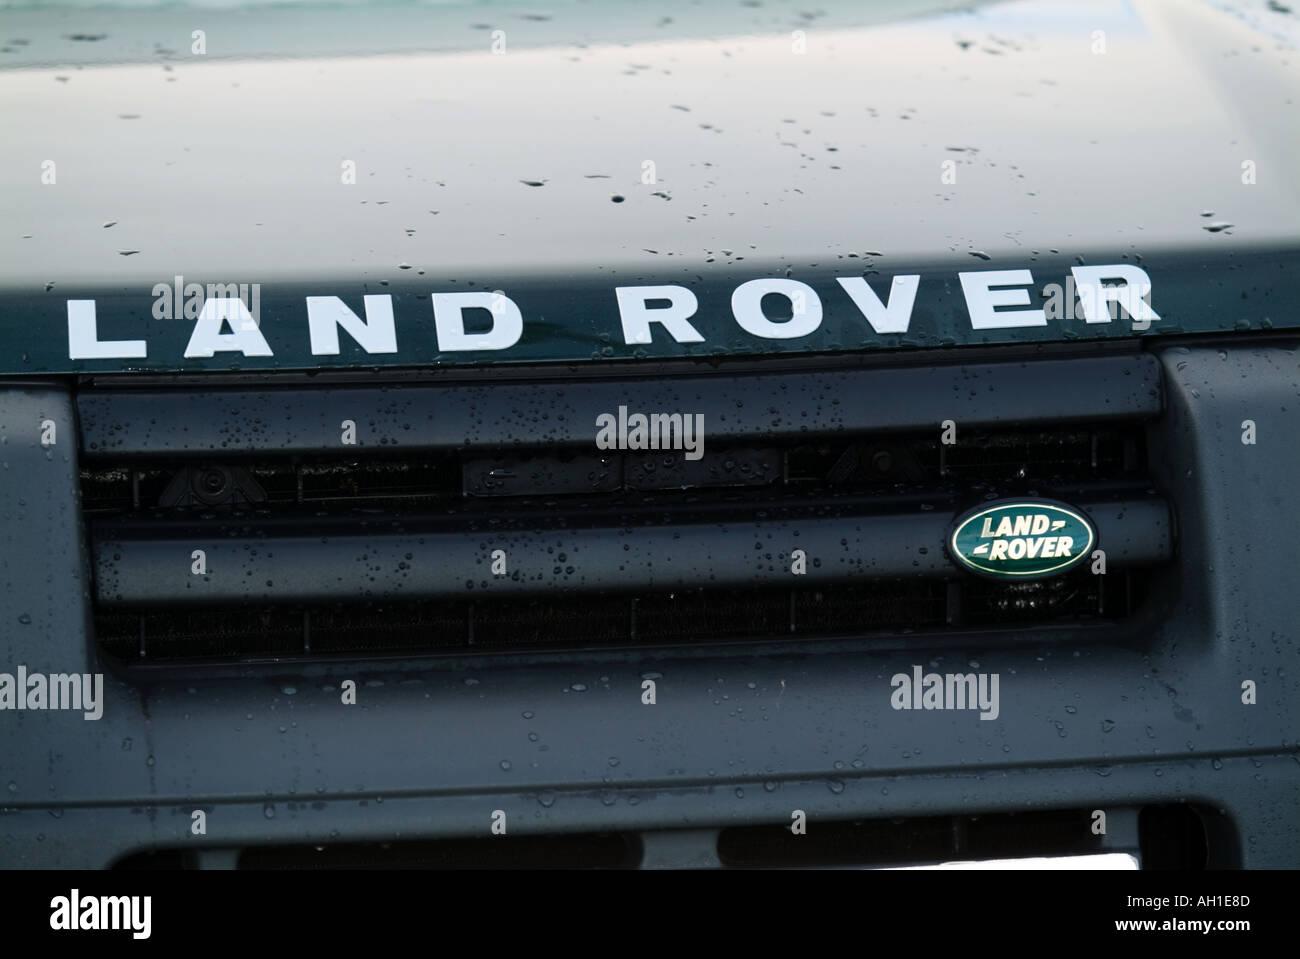 off Roader Suv vier-Rad-Antrieb Englisch 4 x 4 Auto-Hersteller Hersteller Ford motor Company Symbol Abzeichen Logo Premium-Marke Luxus Stockbild